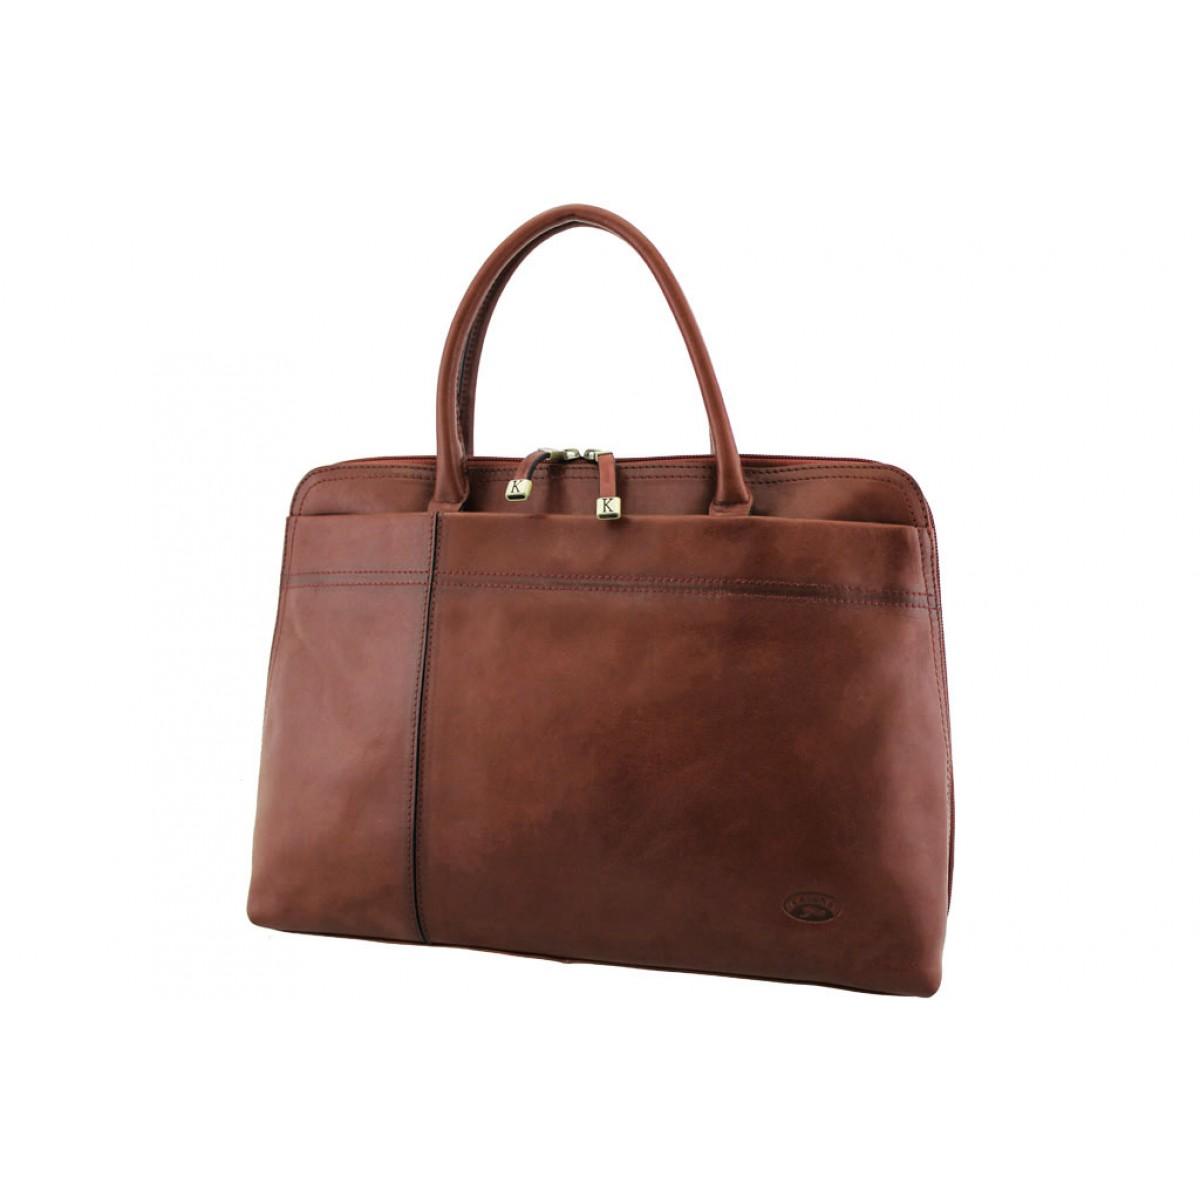 sac shopping katana